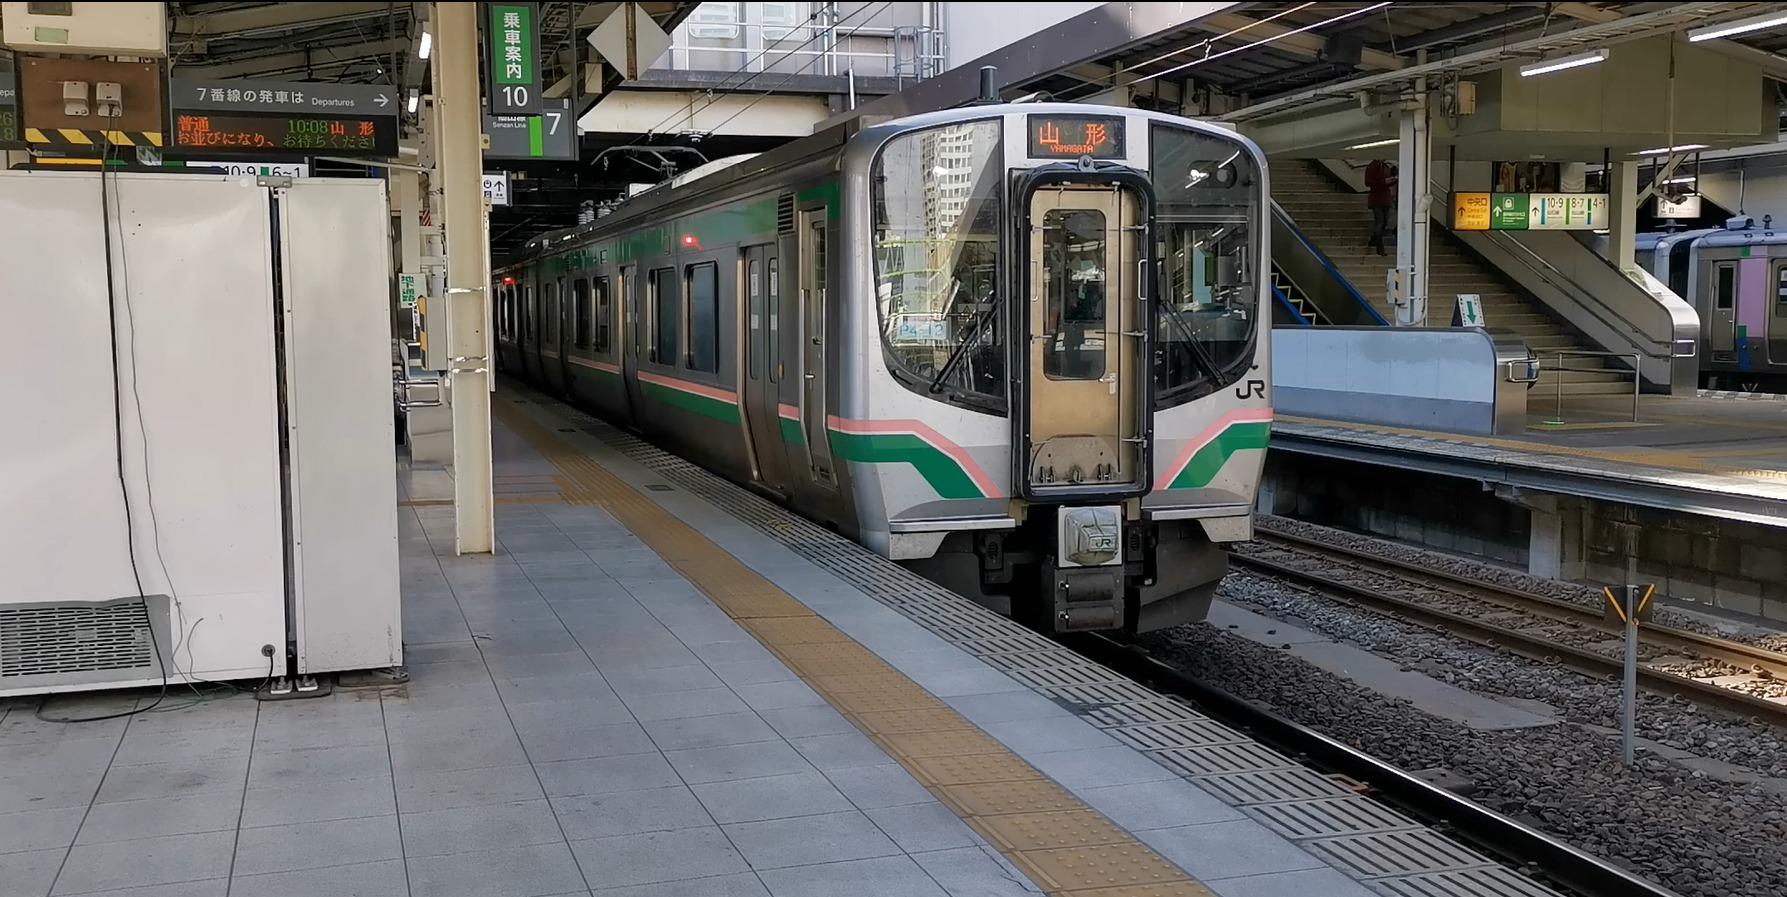 東北新幹線仙台~東京半額切符 12月15日で終了 週末は仙台や東北へ出かけよう